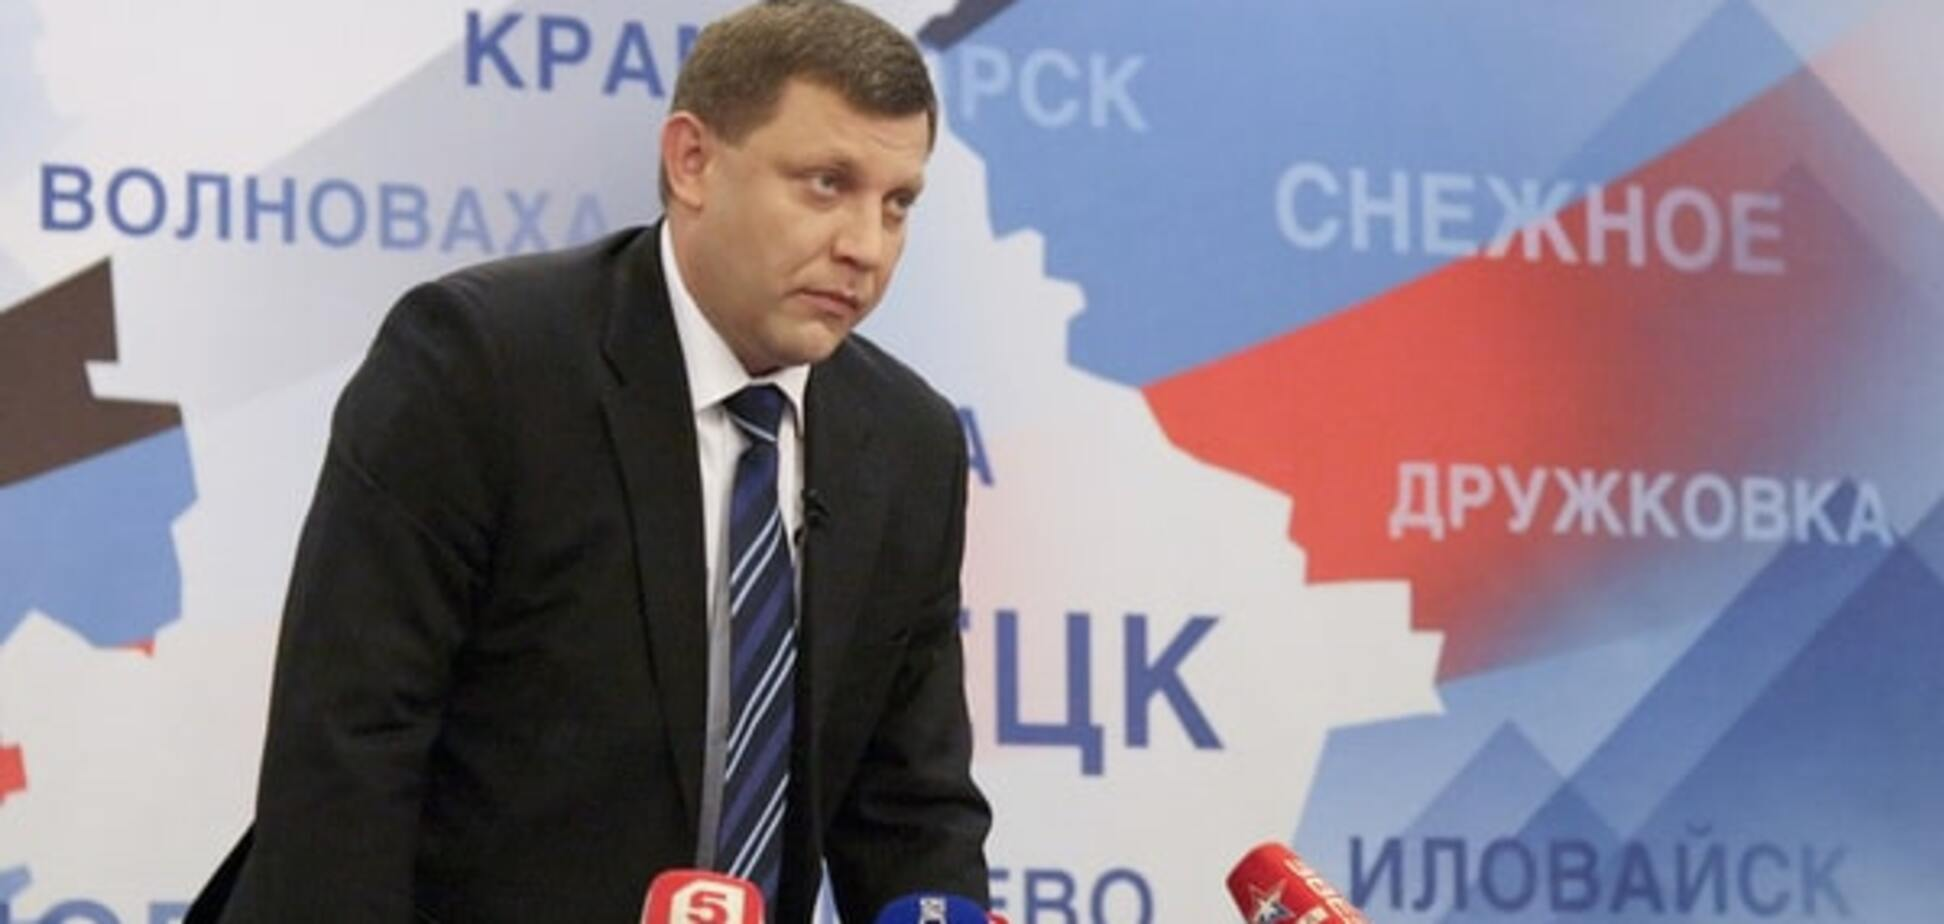 Захарченко грозится назначить 'свои' выборы на 18 октября